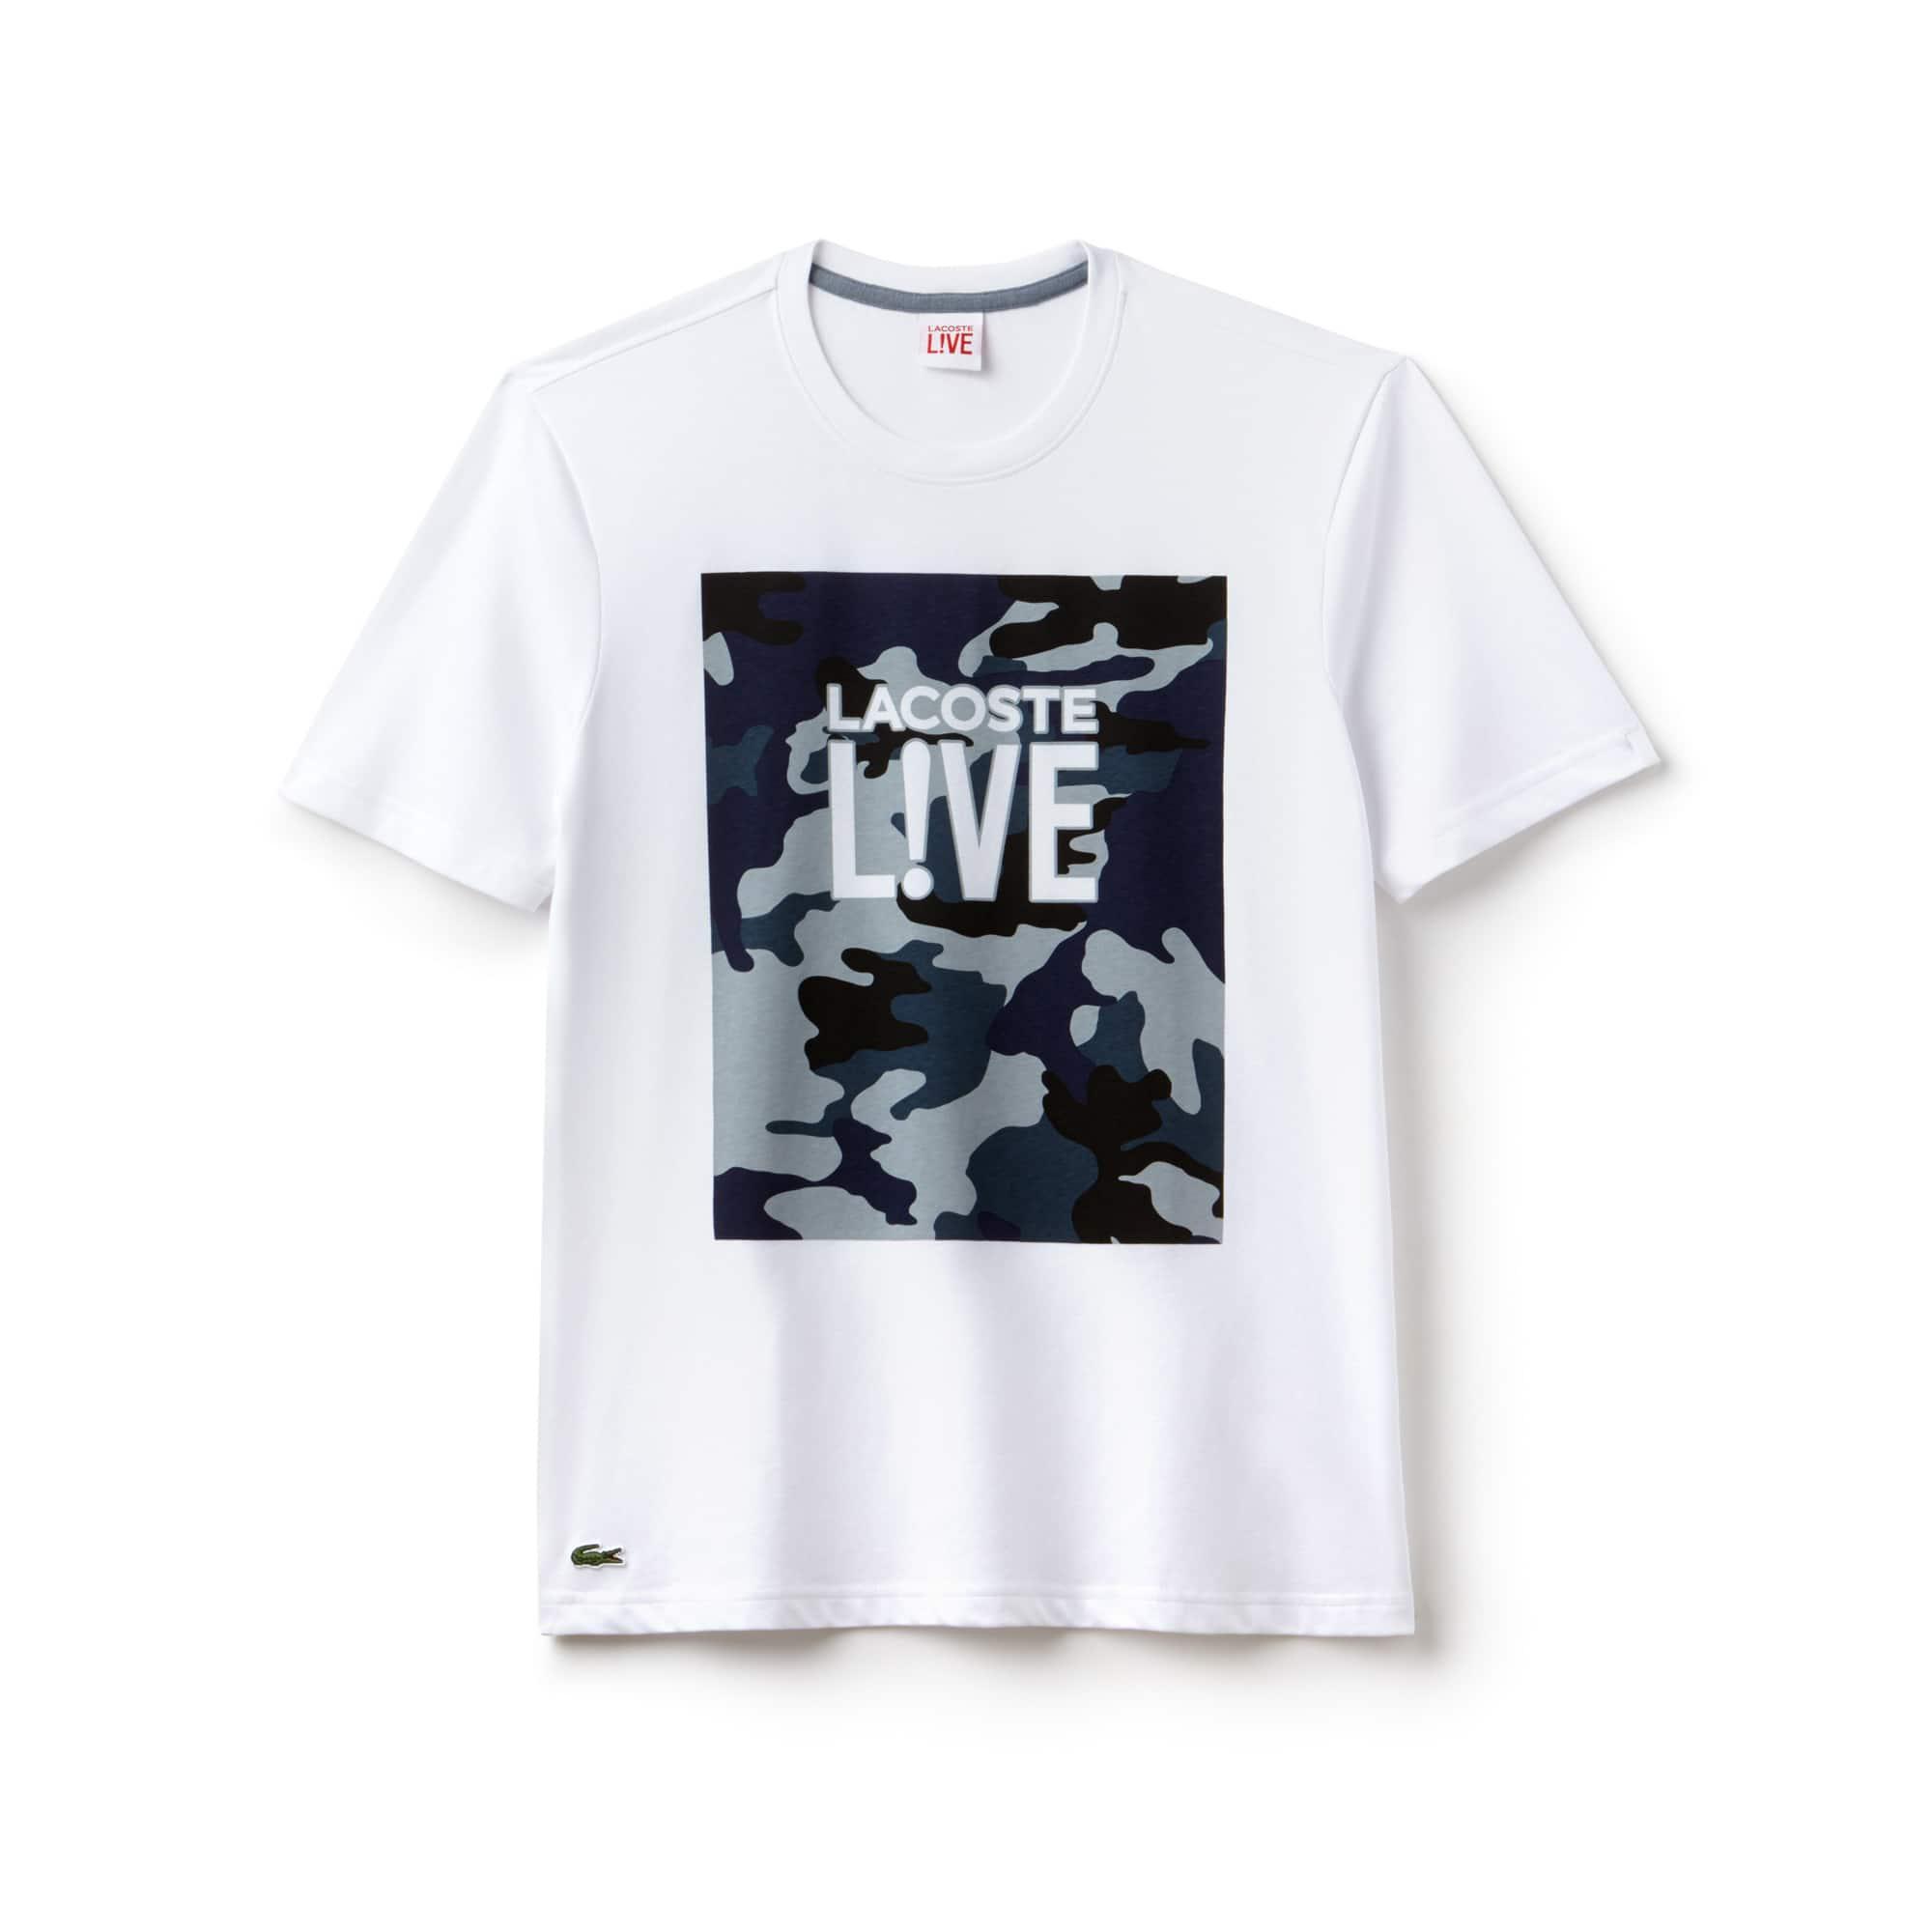 Herren-Rundhals-T-Shirt aus Jersey mit Aufdruck LACOSTE L!VE